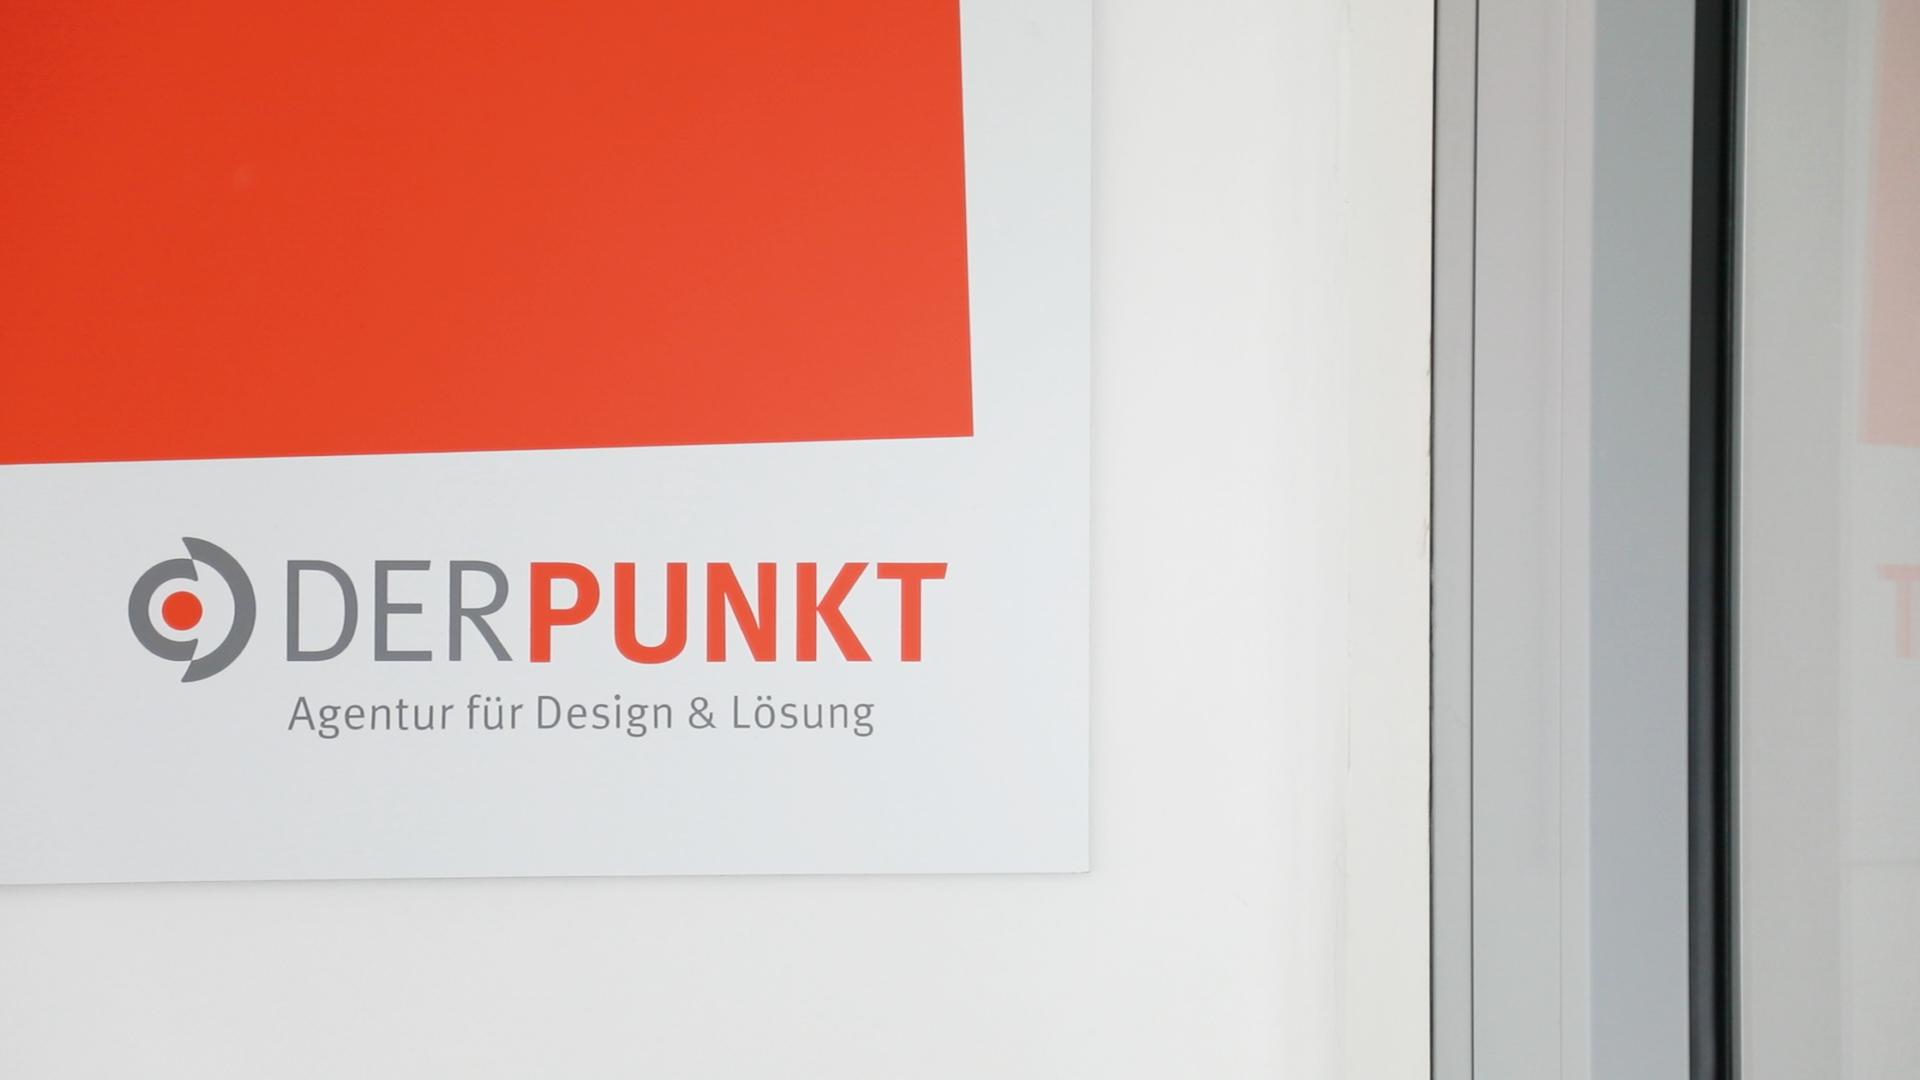 Der Punkt GmbH Impression